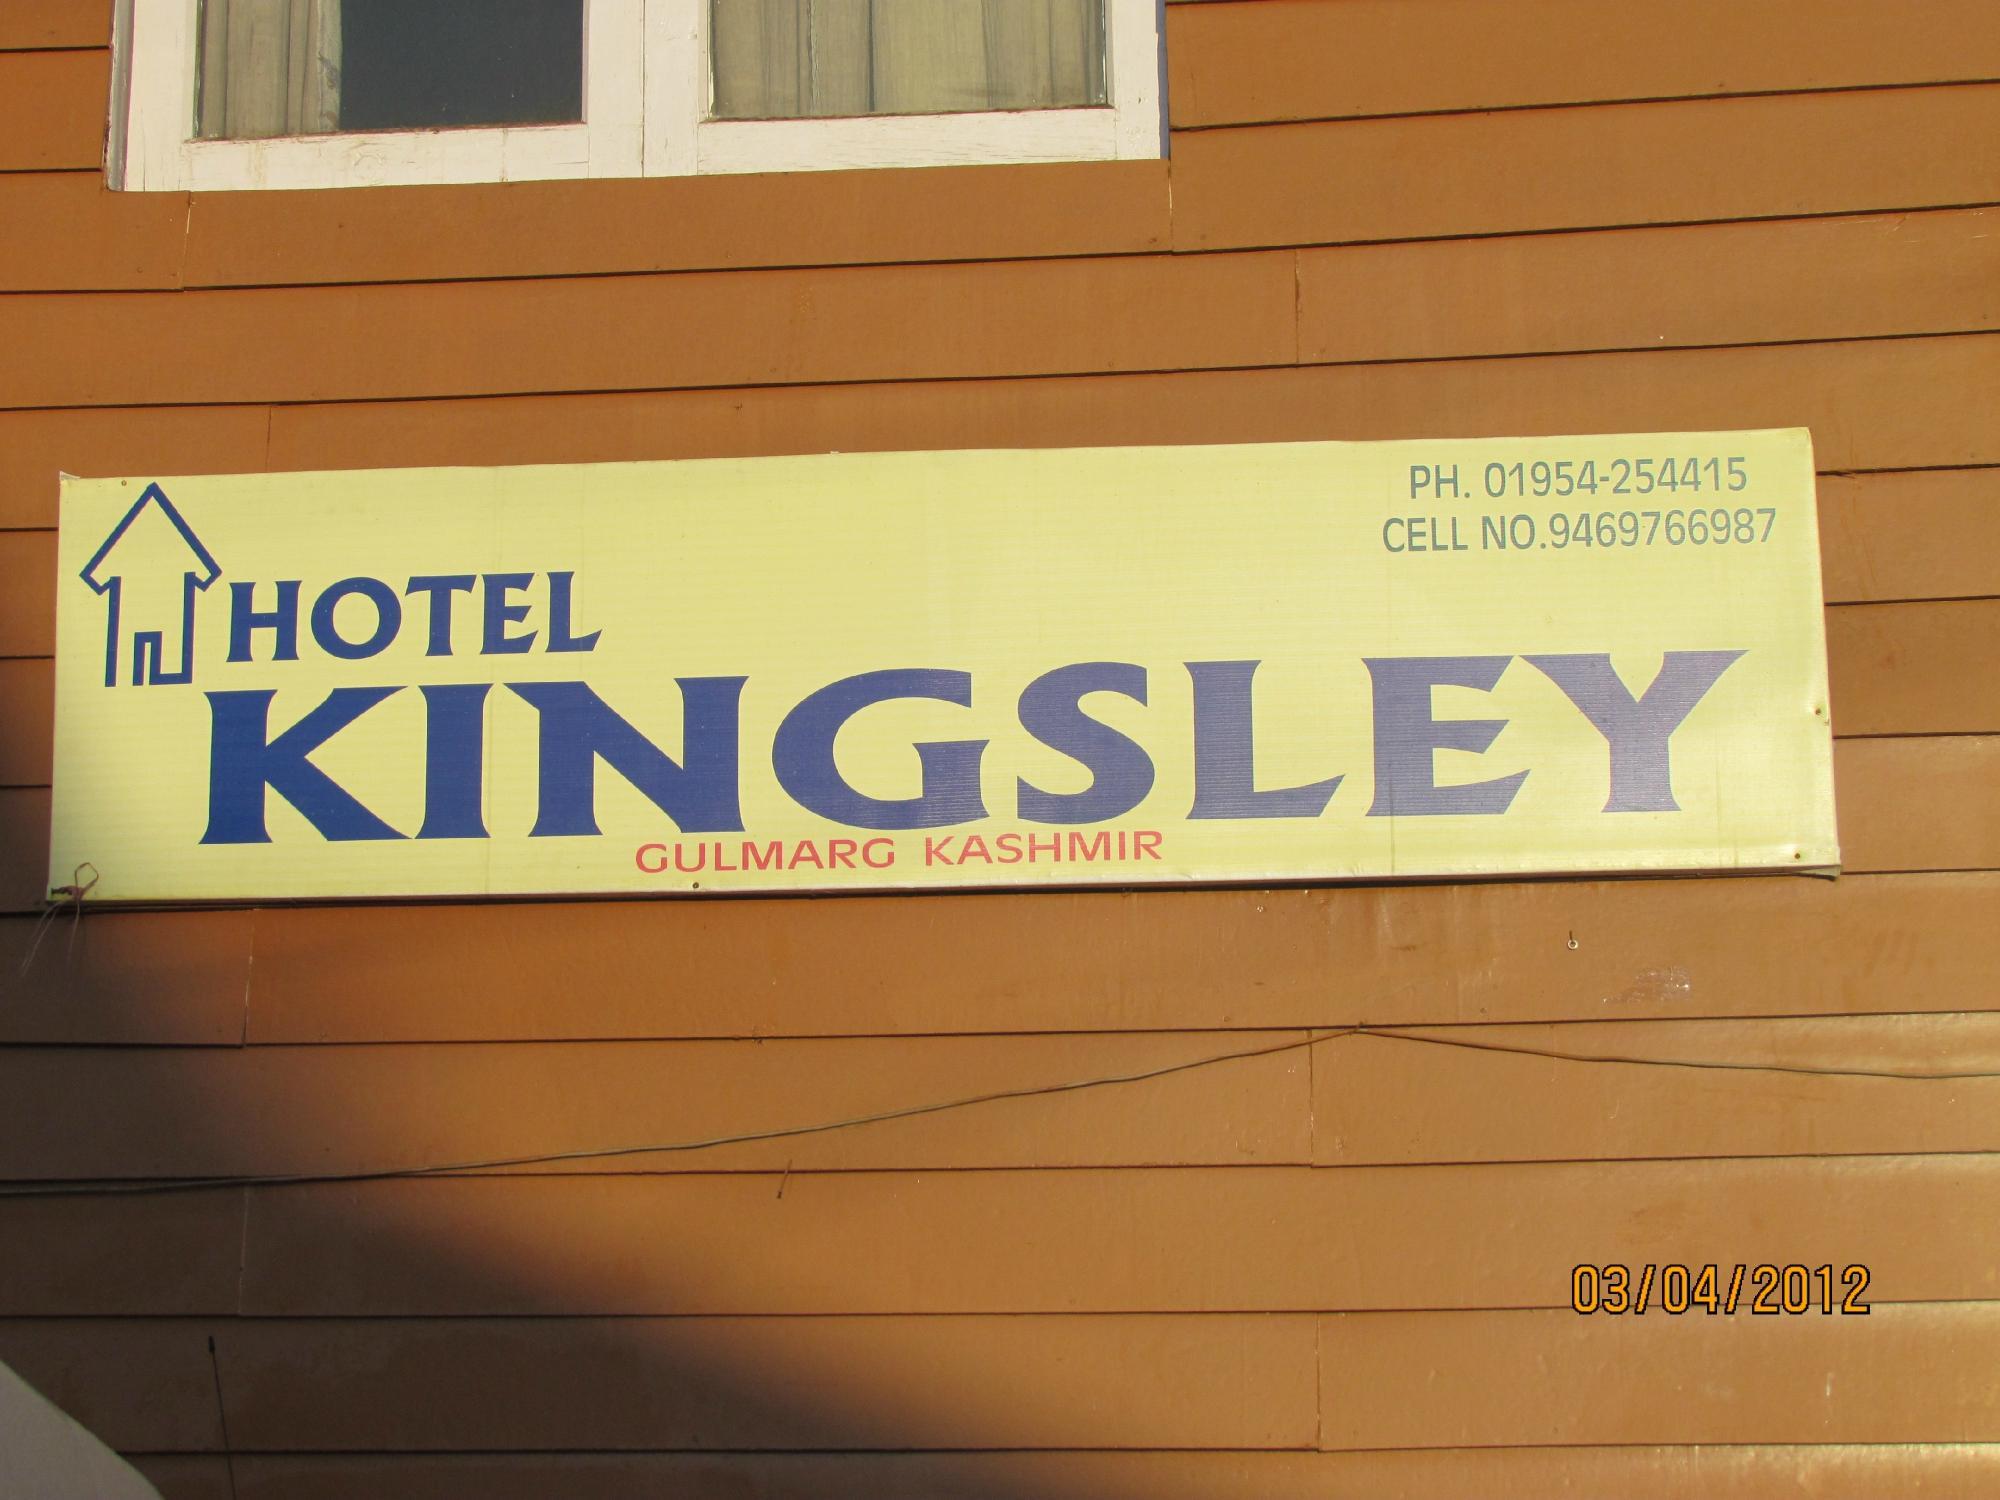 Hotel Kingsleay